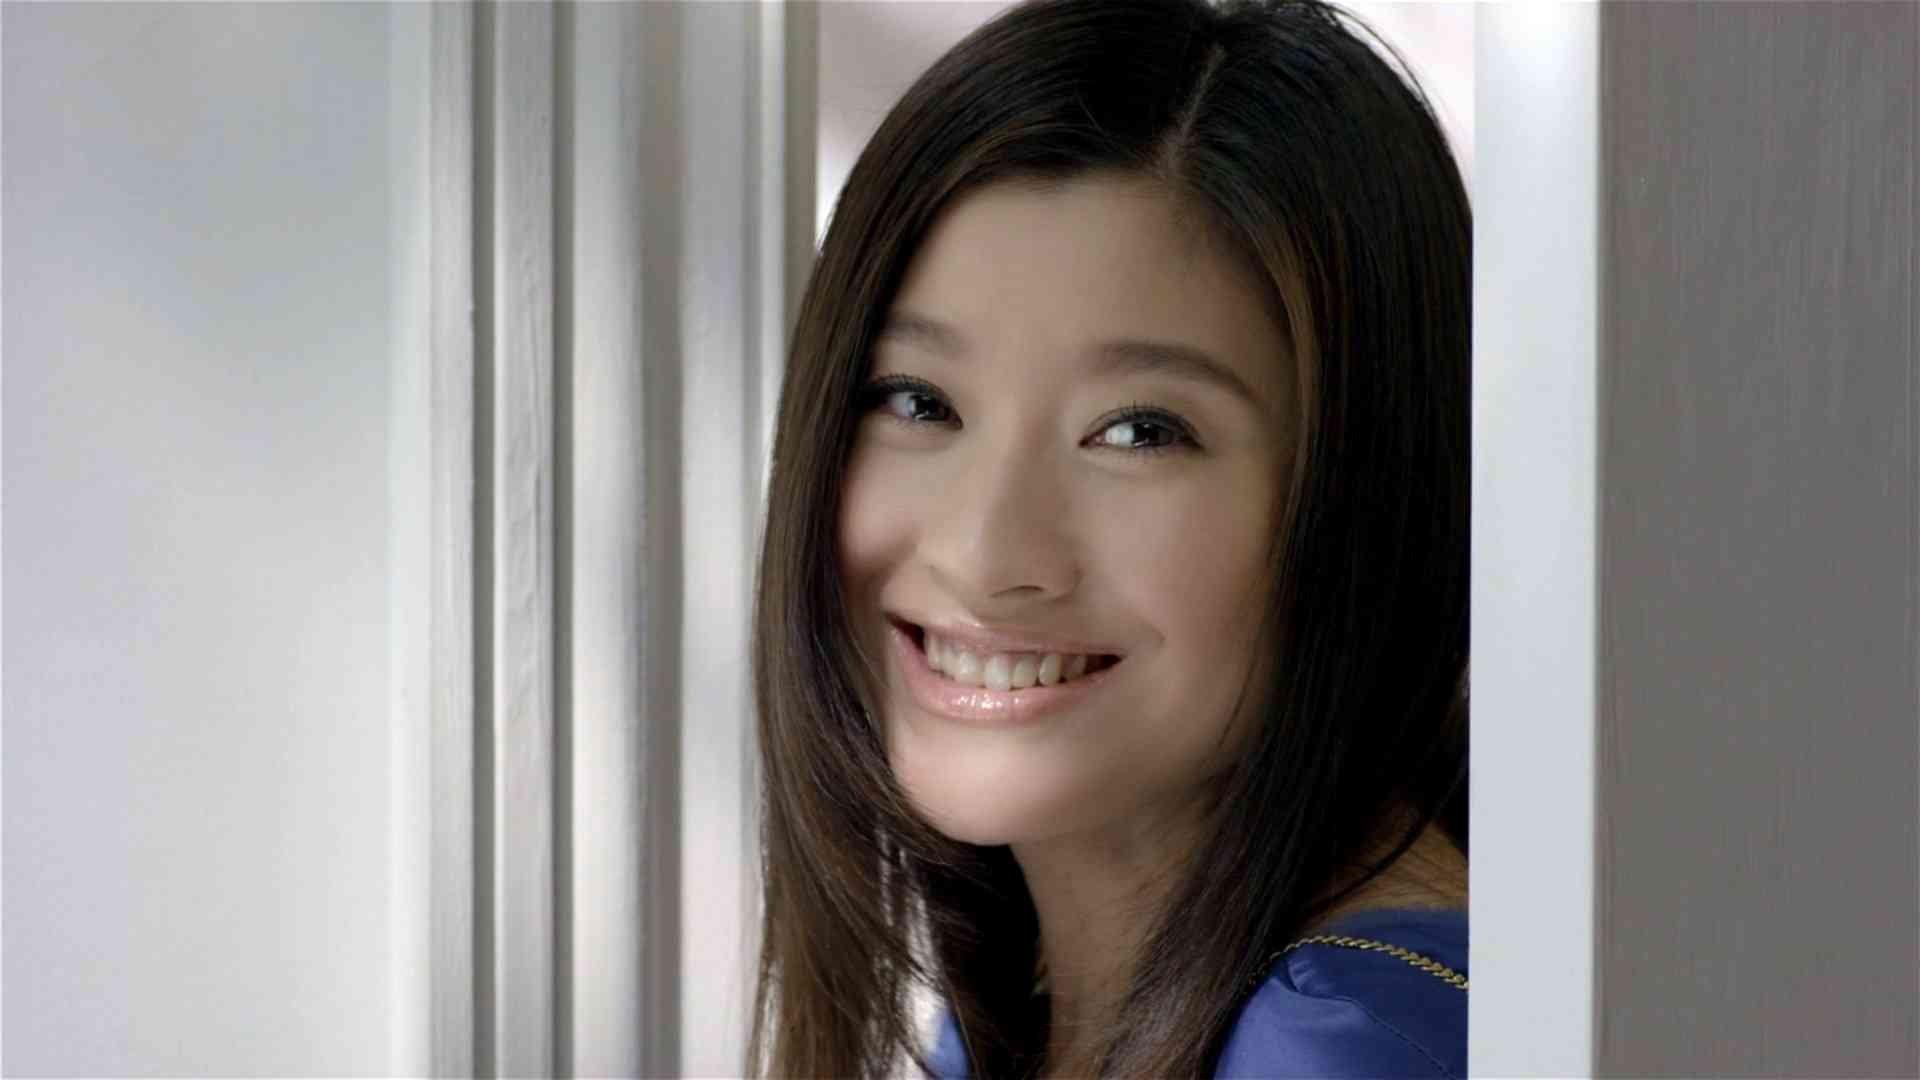 shinohara ryoko beautiful breasts fba3e5238a1705da5db31e459de751cc 0.jpeg?resize=1200,630 - 篠原涼子がCMでブラ姿を披露!美しすぎる胸のカップ数は?!